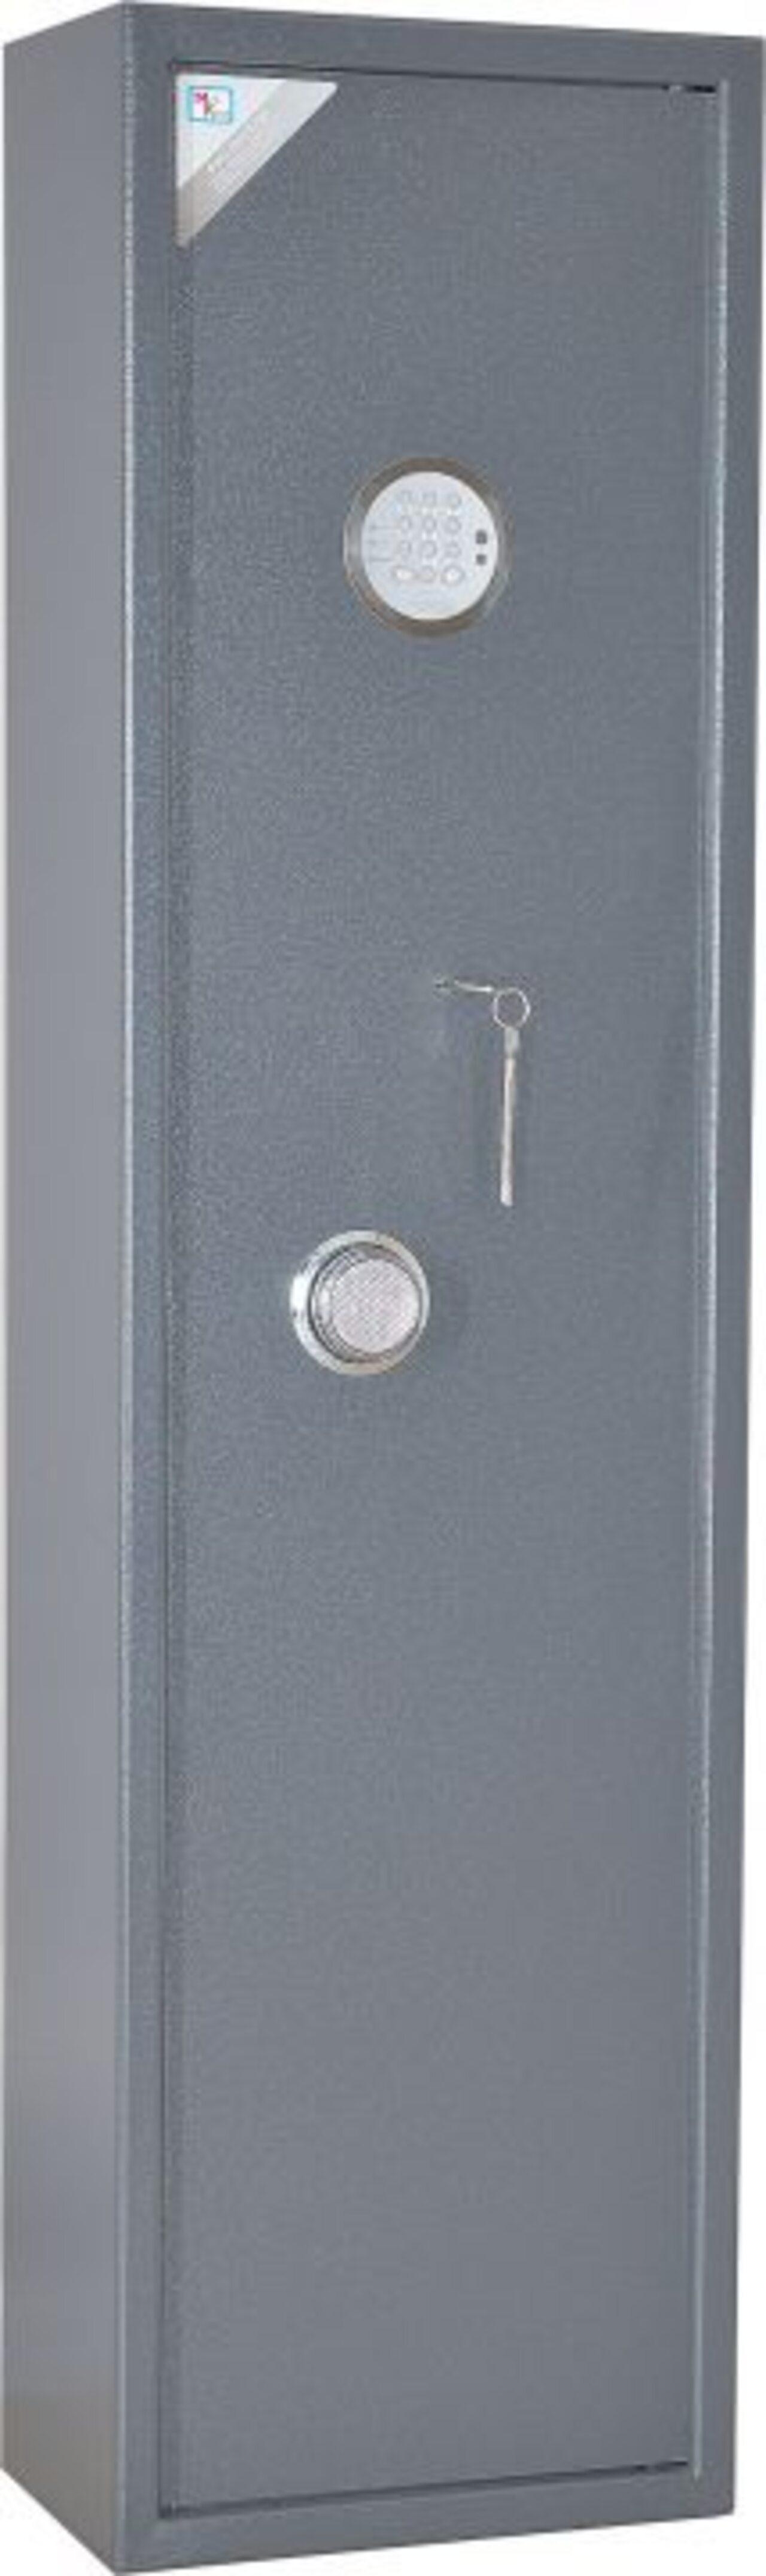 Шкаф оружейный СО-4ЭК - фото 1